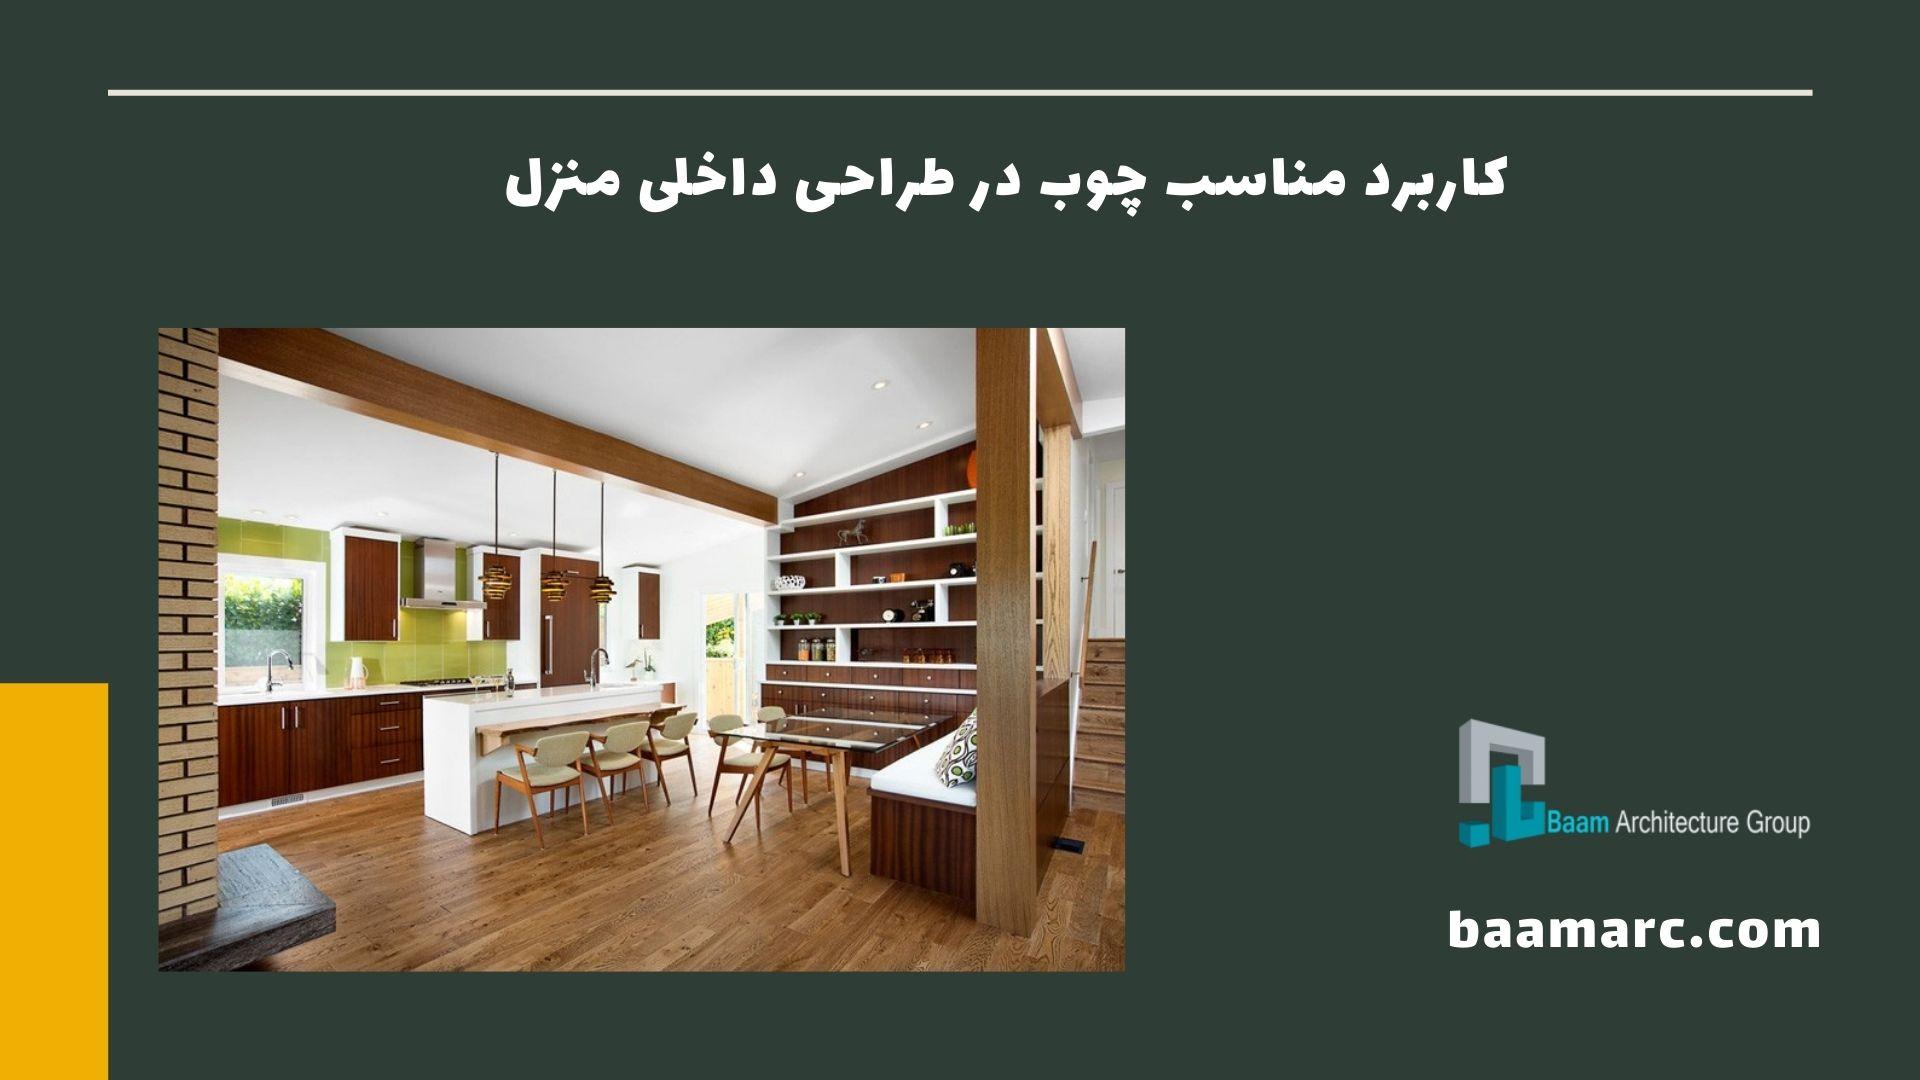 کاربرد مناسب چوب در طراحی داخلی منزل